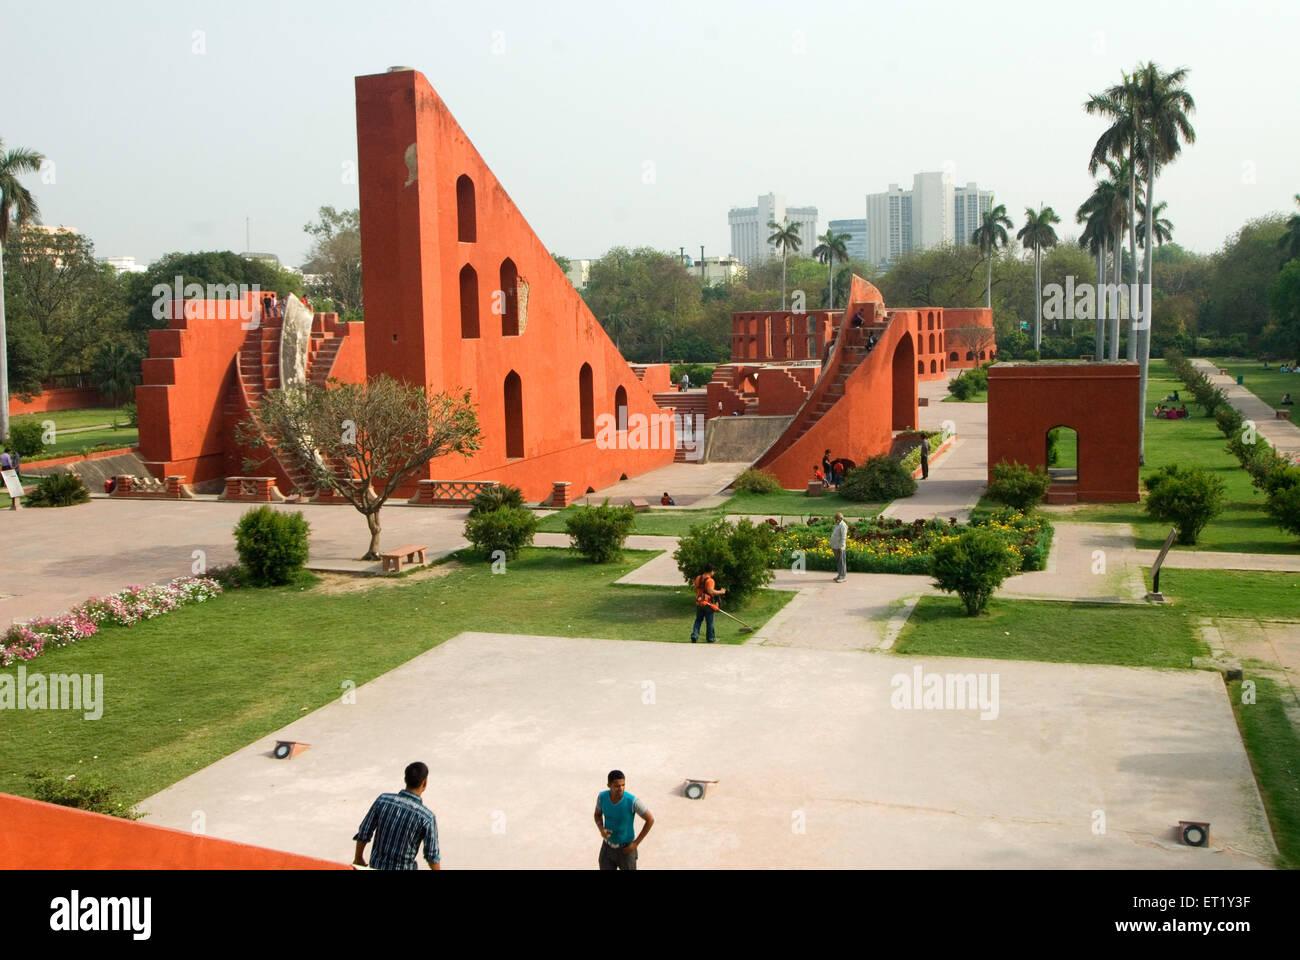 Jantar Mantar, architettonico astronomia strumenti, Delhi, India Immagini Stock